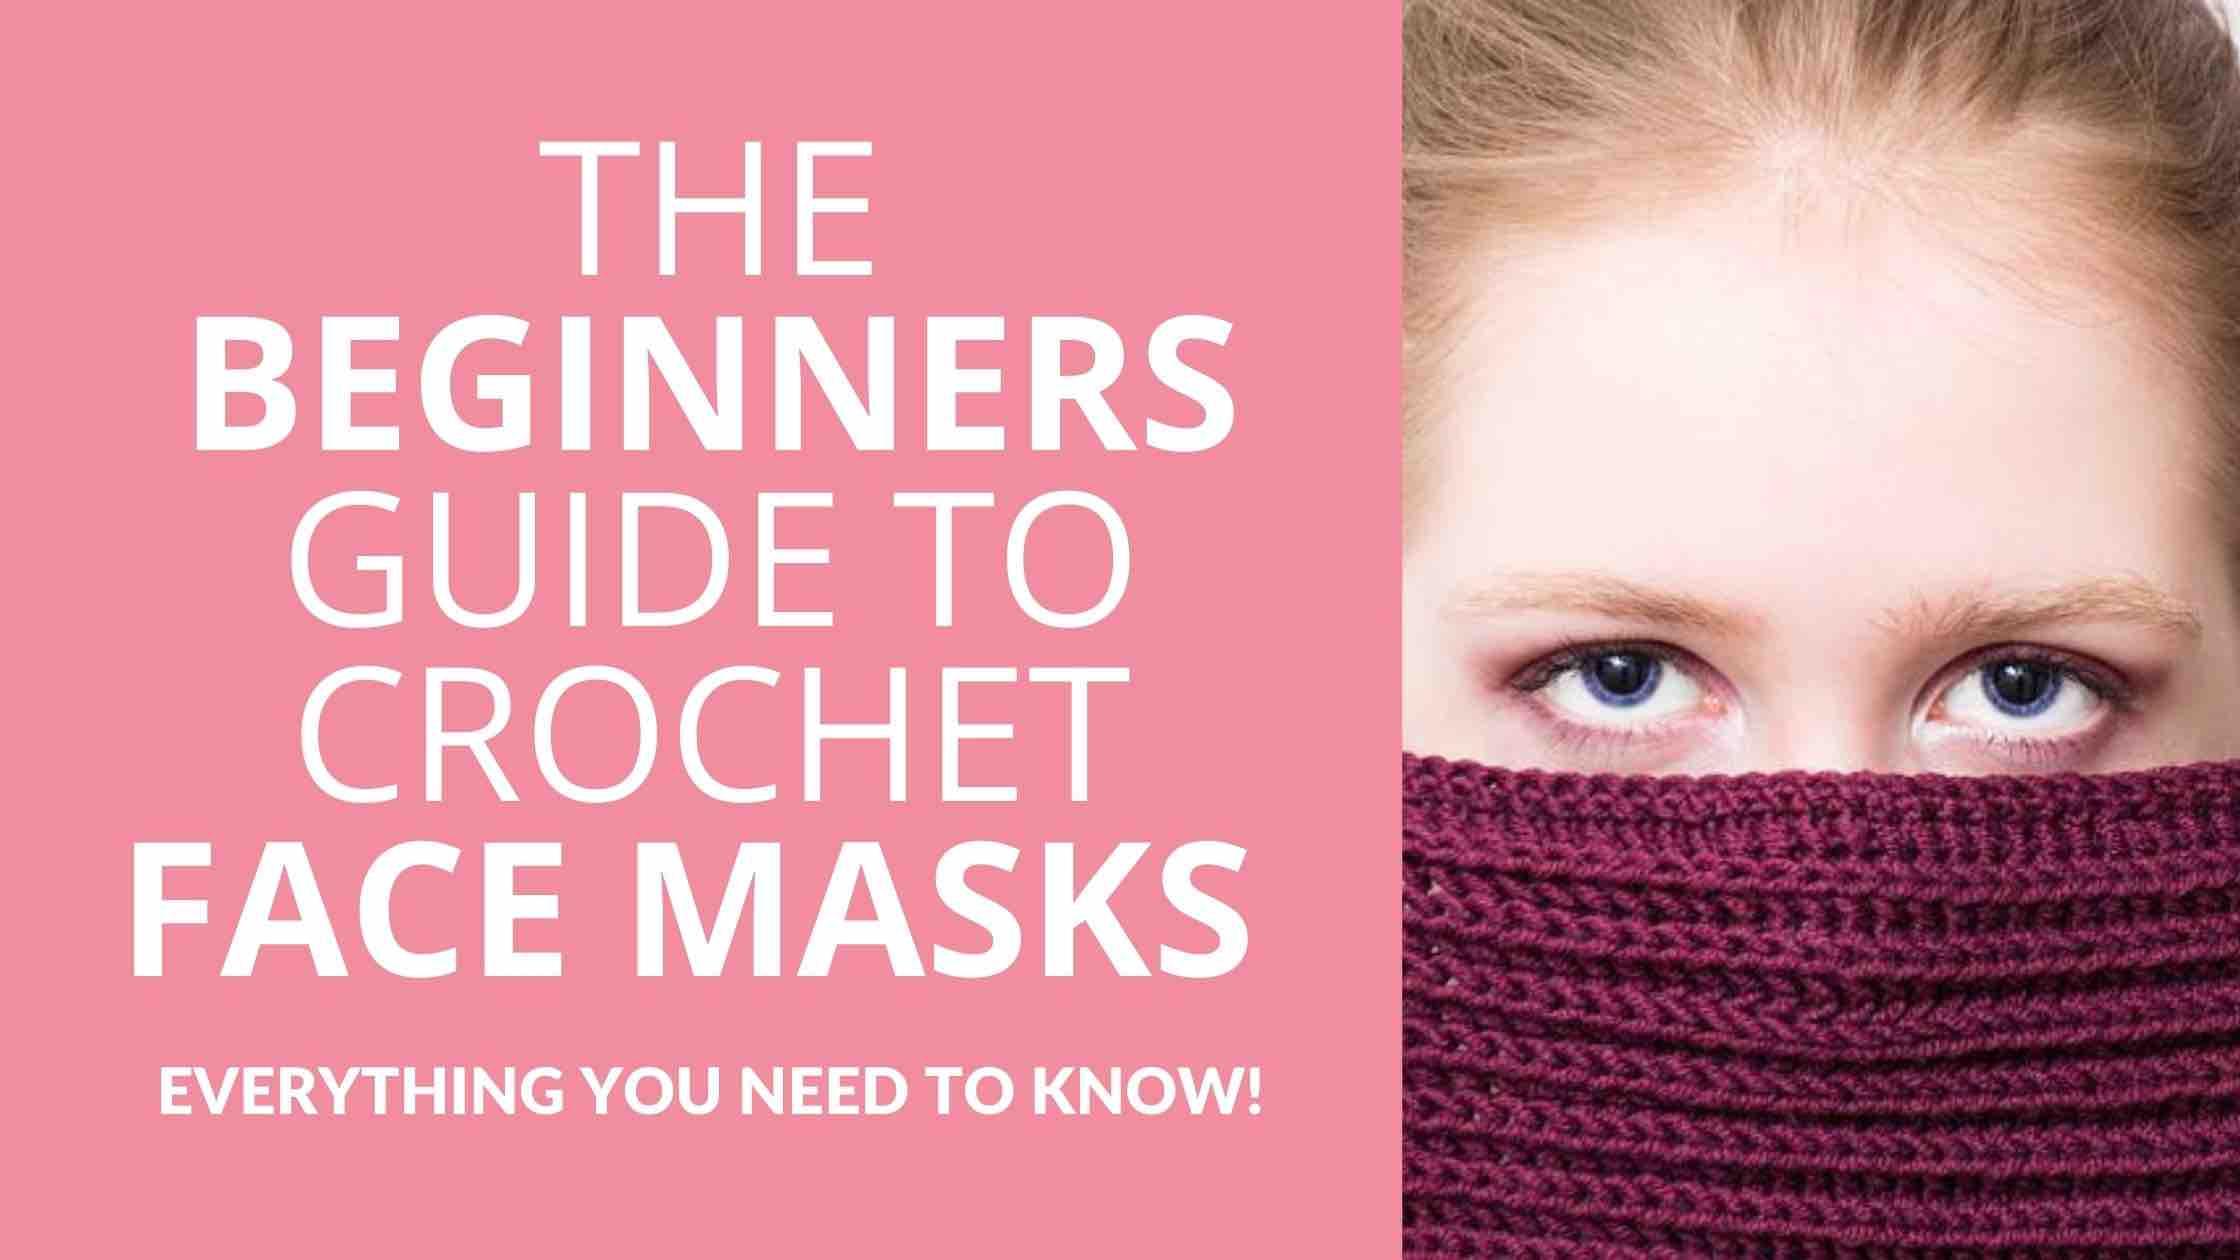 The Beginner's Guide To Crochet Face Masks Start Crochet (1)